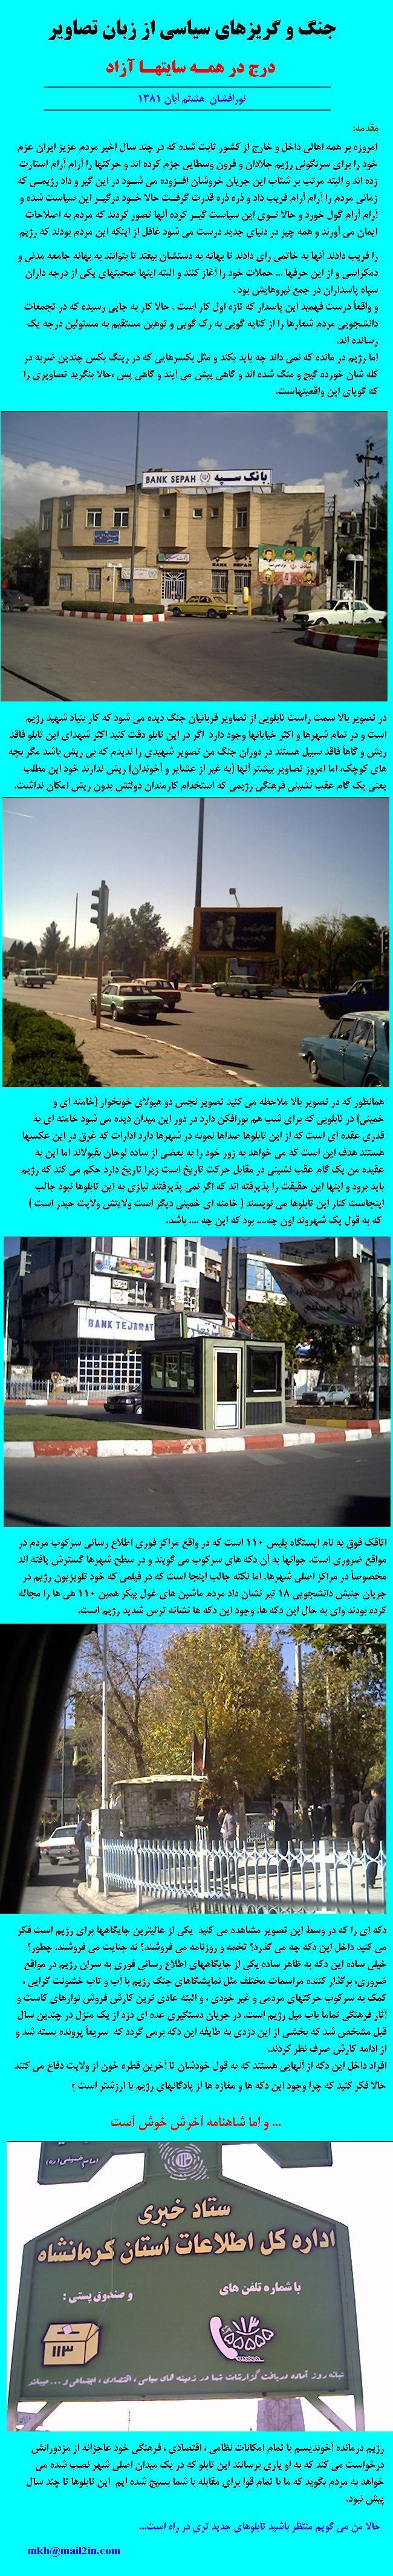 Zanan Lokht Irani